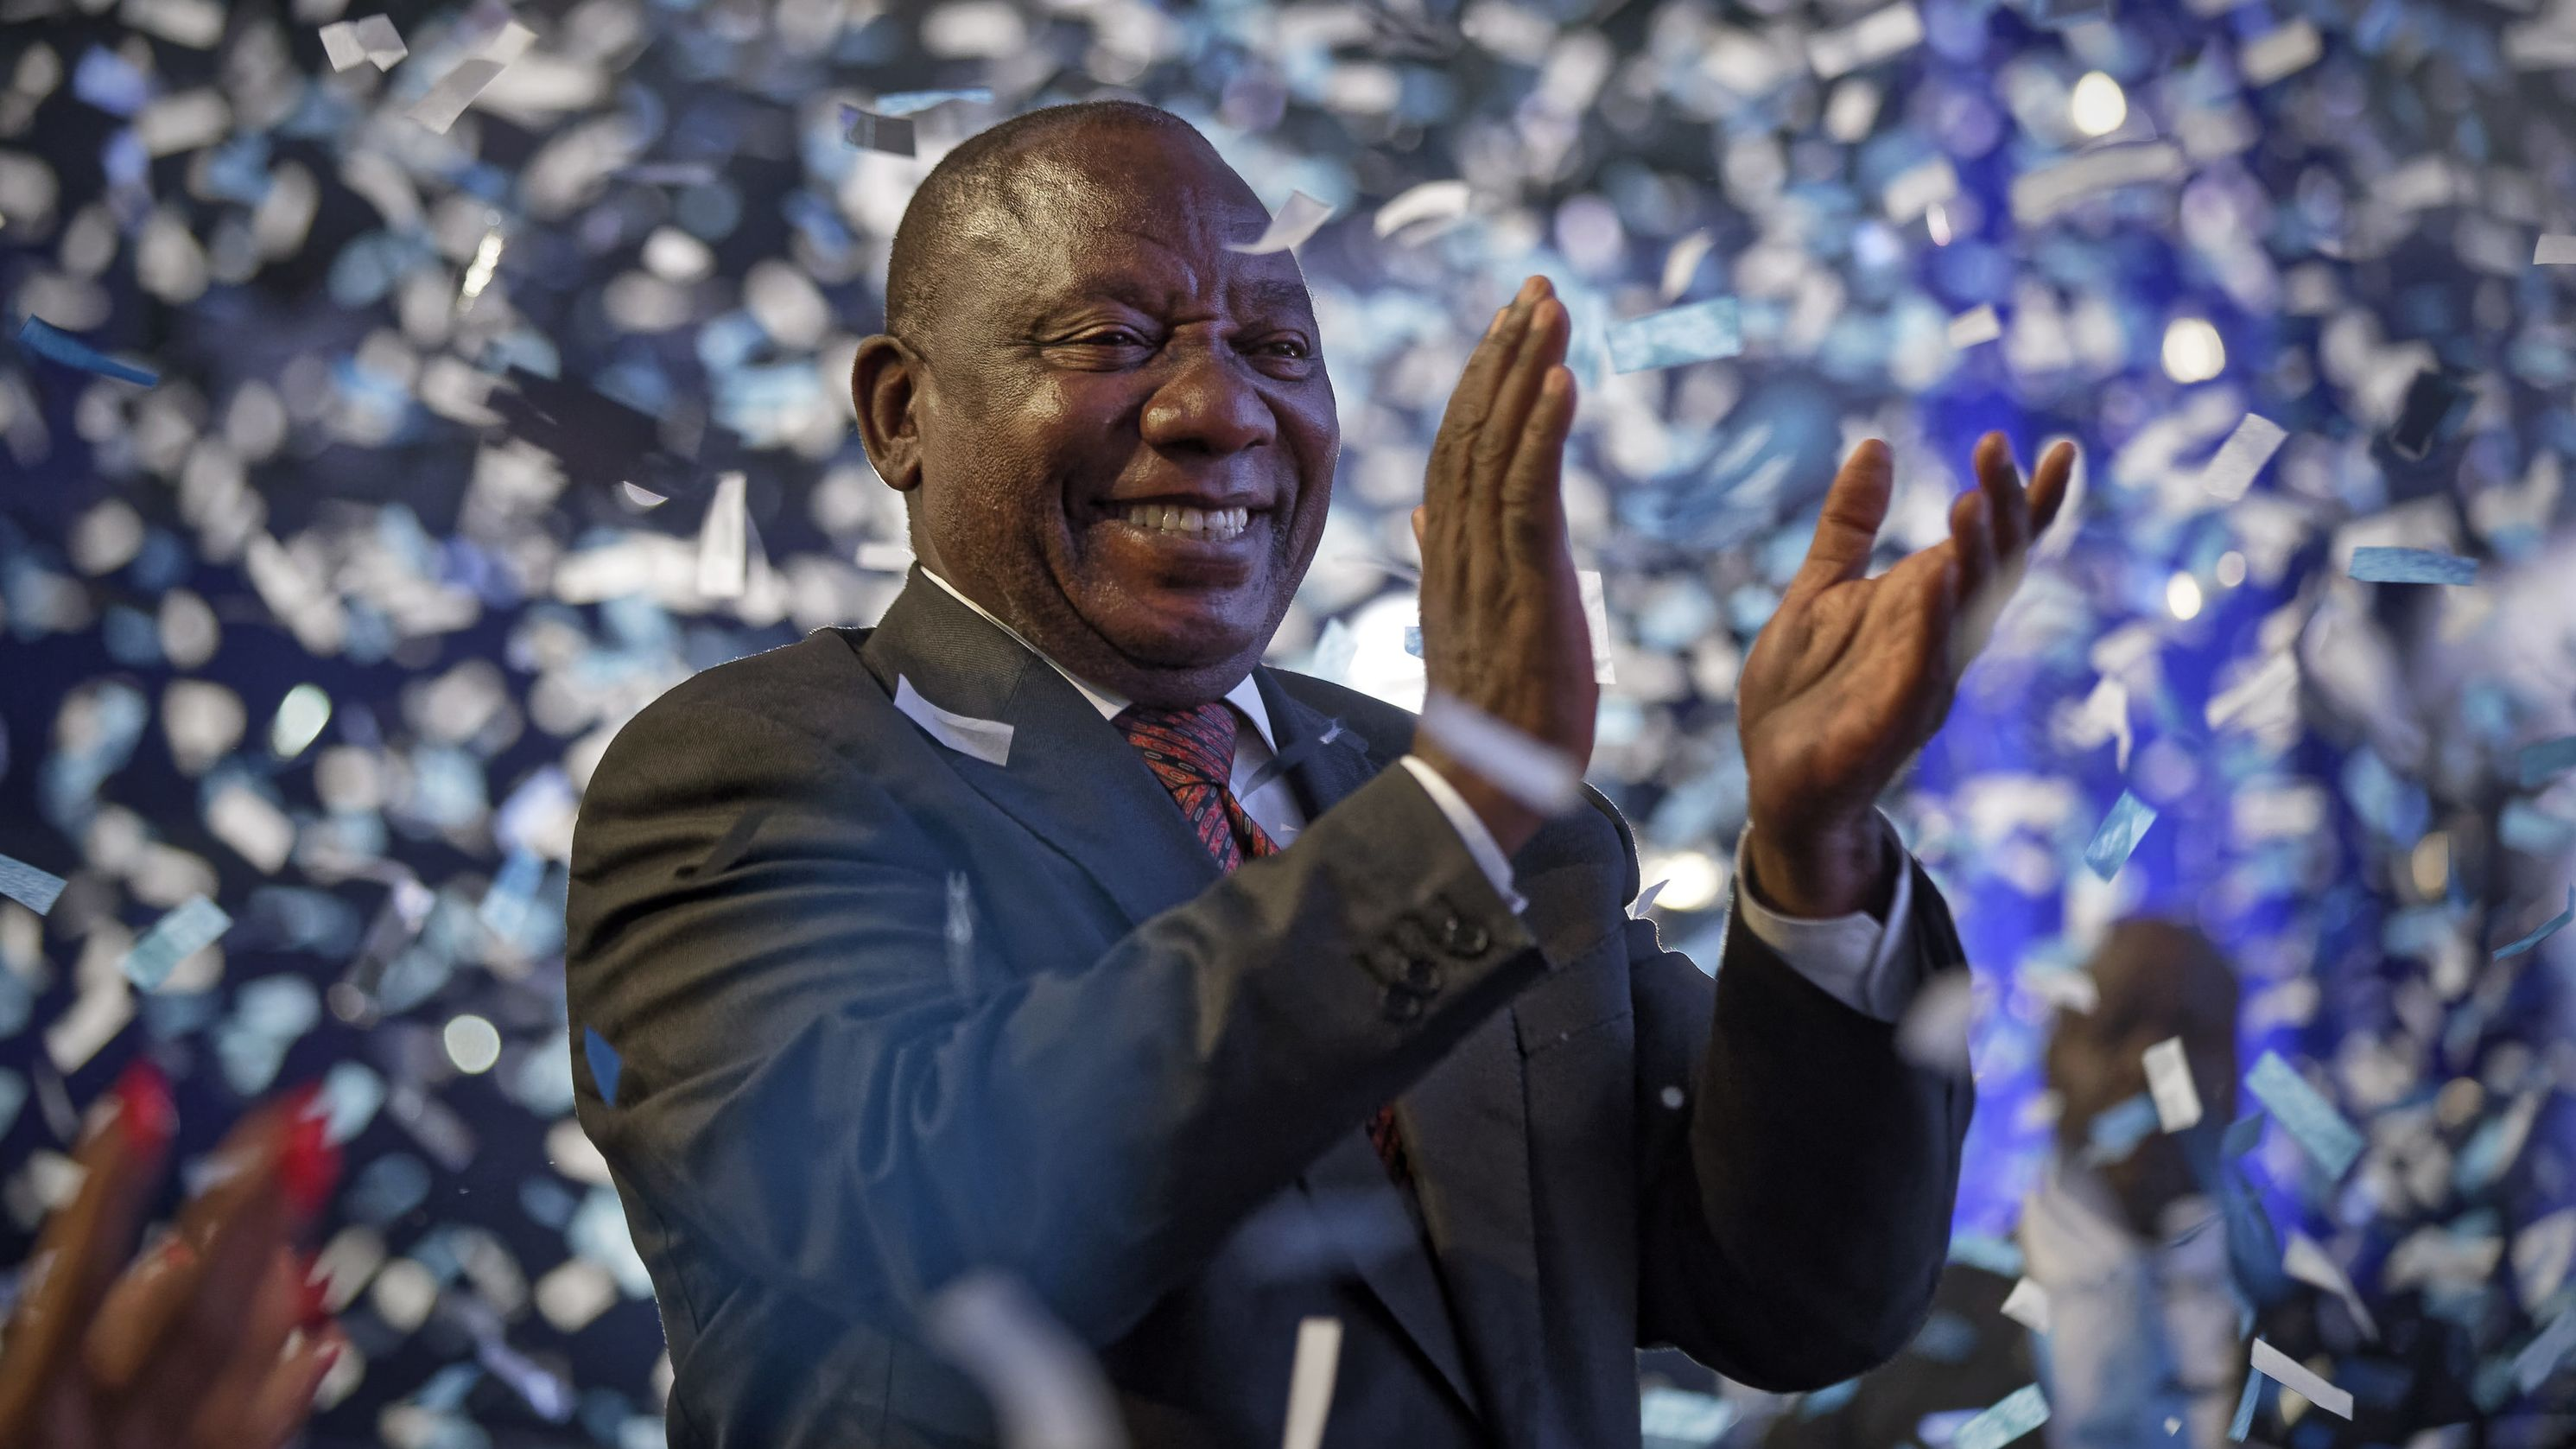 Cyril Ramaphosa, Präsident von Südafrika, applaudiert bei Konfettiregen, nachdem die Unabhängige Wahlkommission das Endergebnis der Parlamentswahlen in Südafrika bekannt gegeben hat.